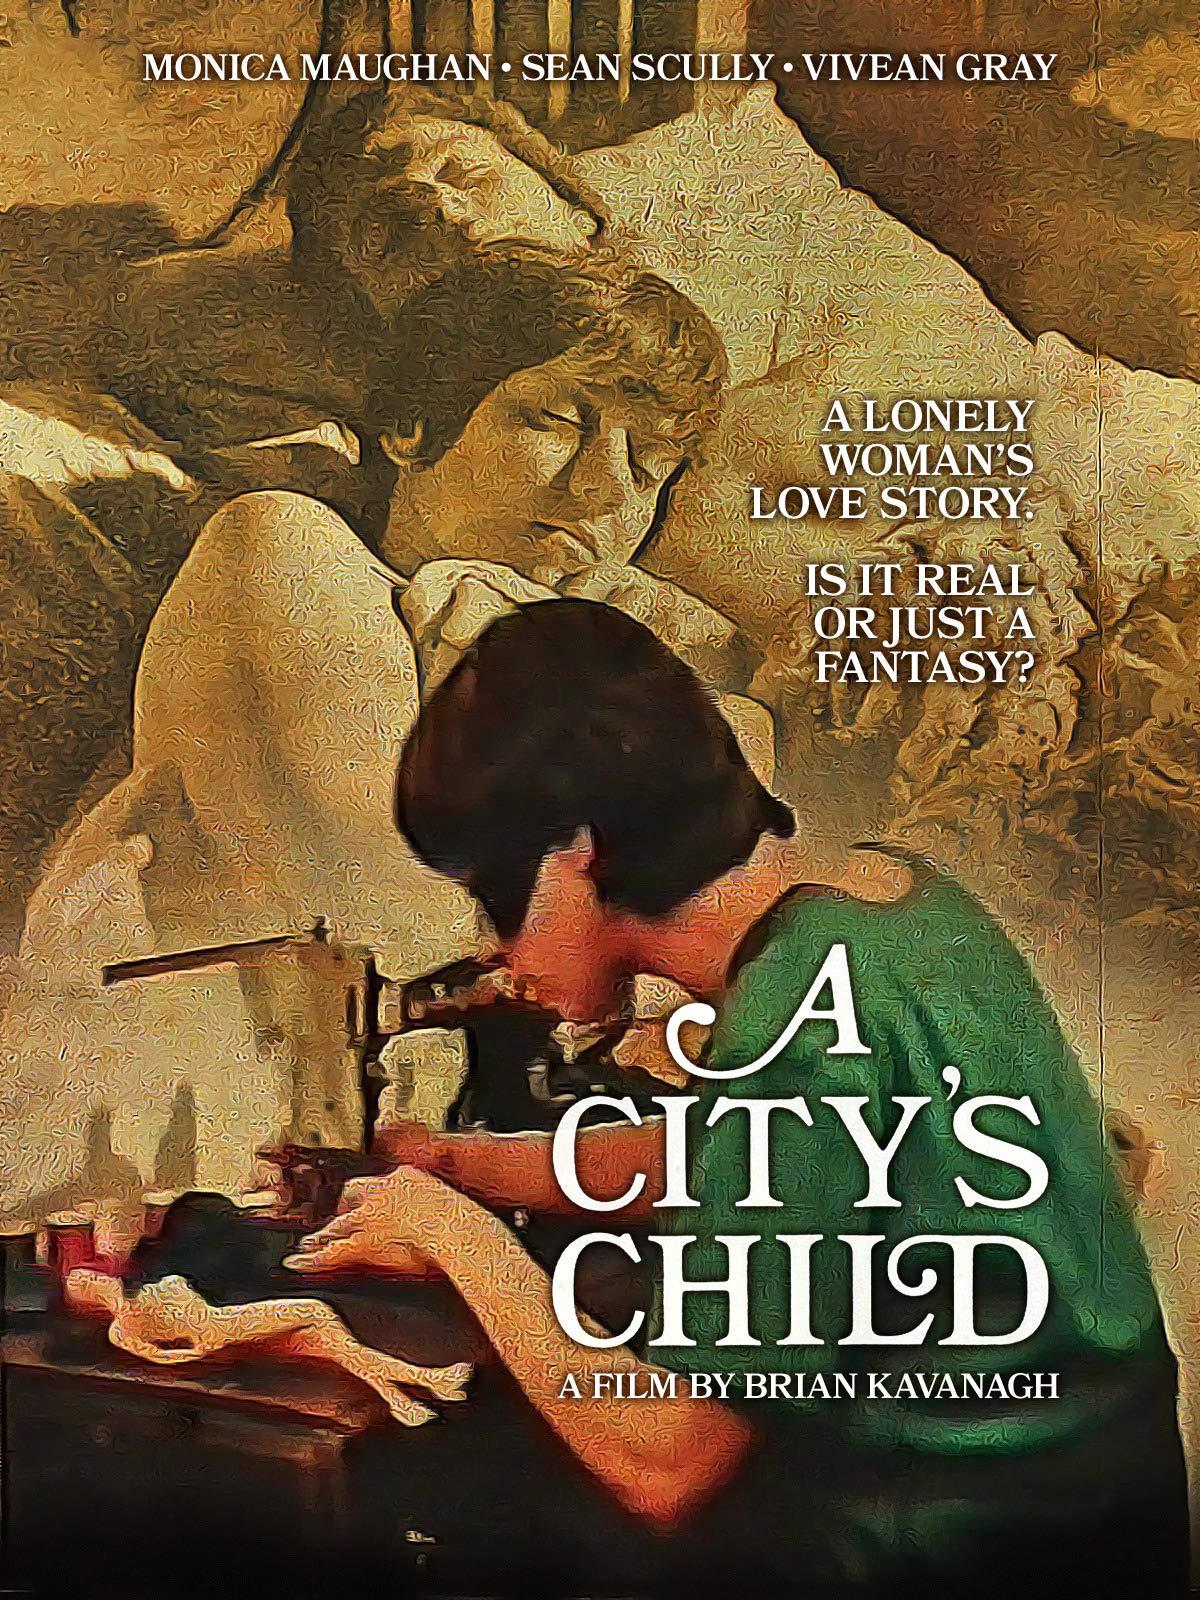 A City's Child